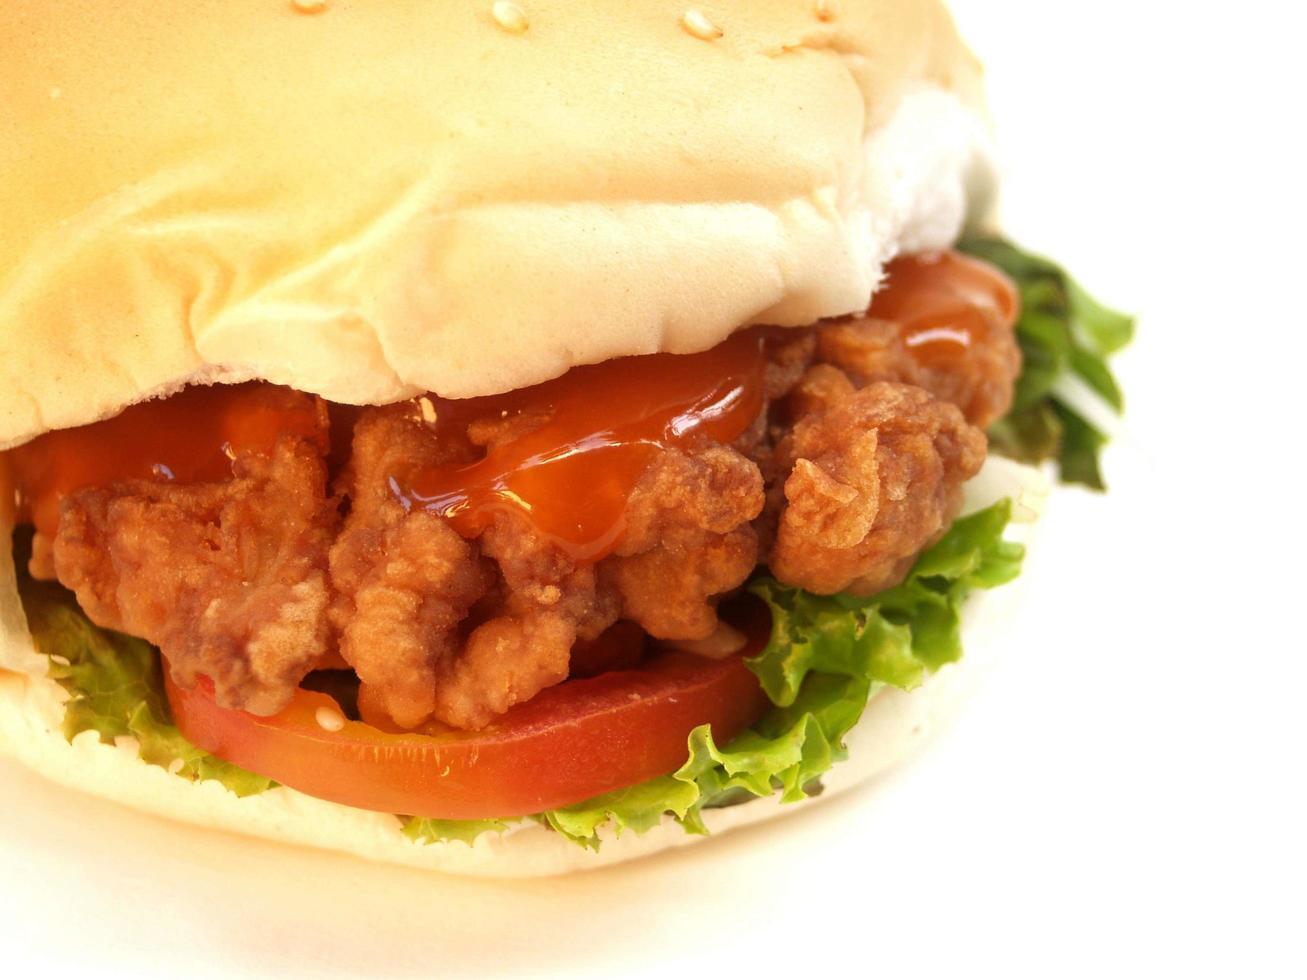 närbild av en stekt kycklingburger foto